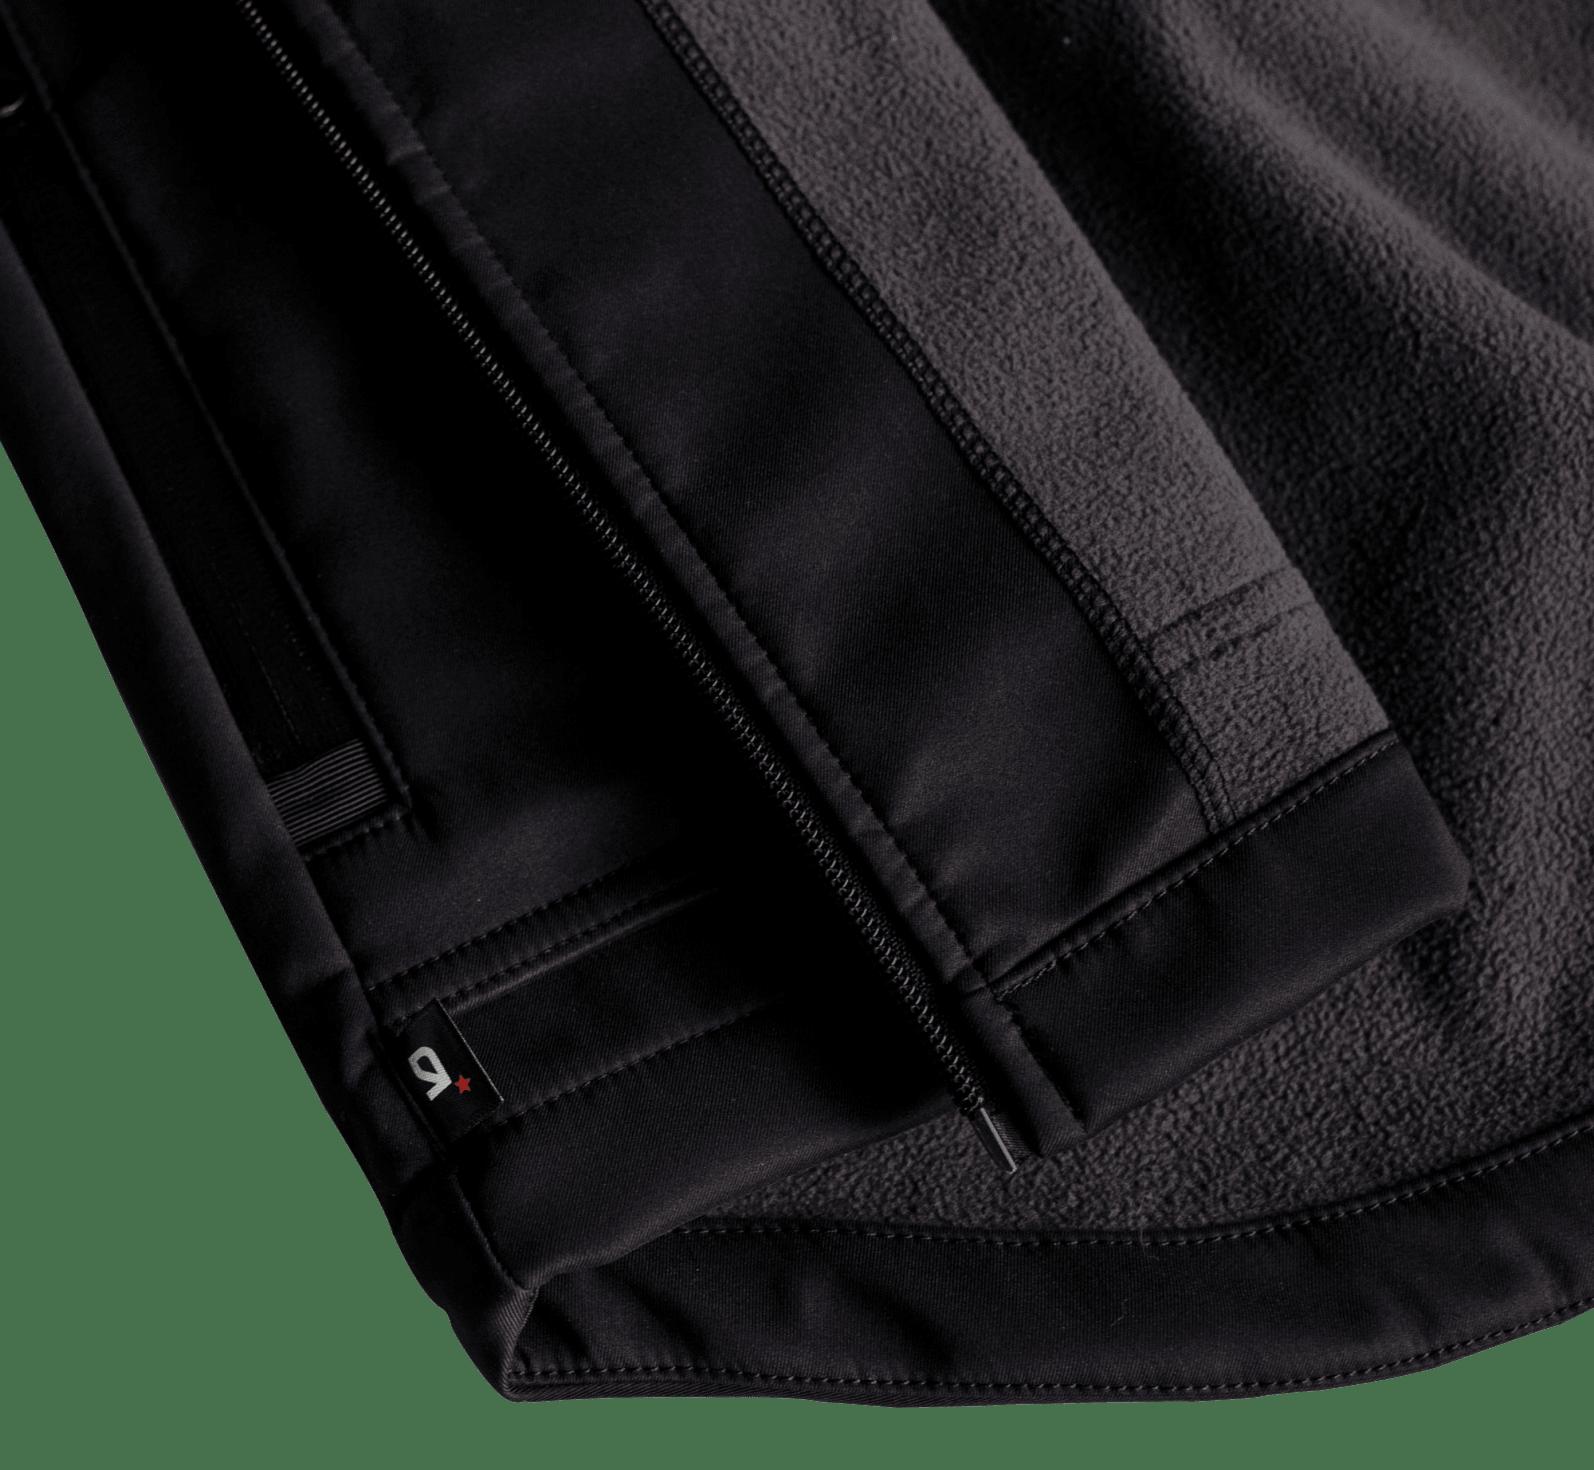 flak-jacket-gallery-05